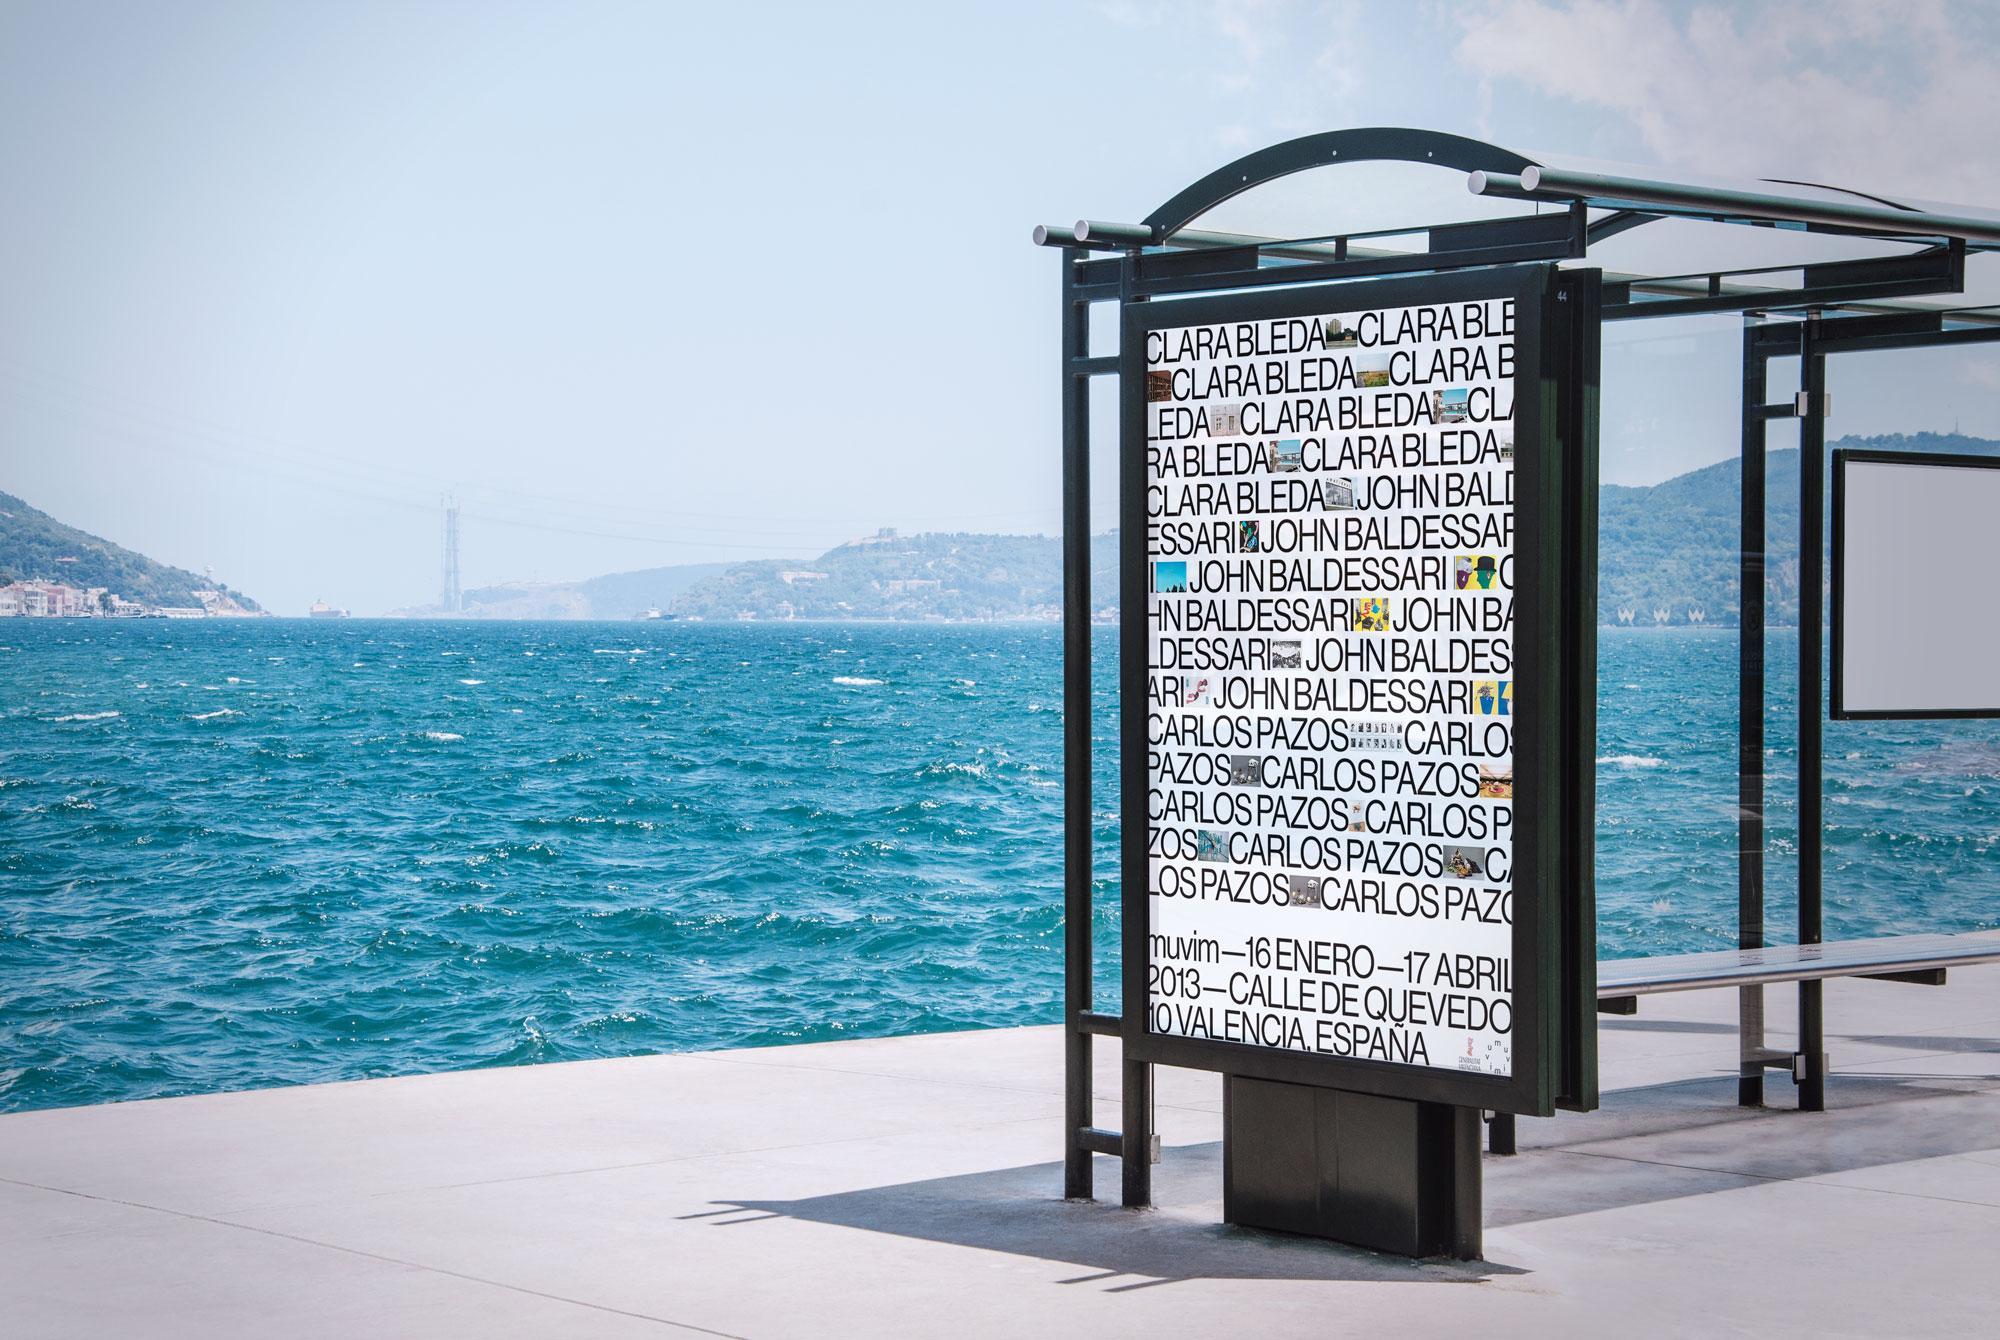 Thumbnail for muvim — Rebranding Valencia's Modern Art museum